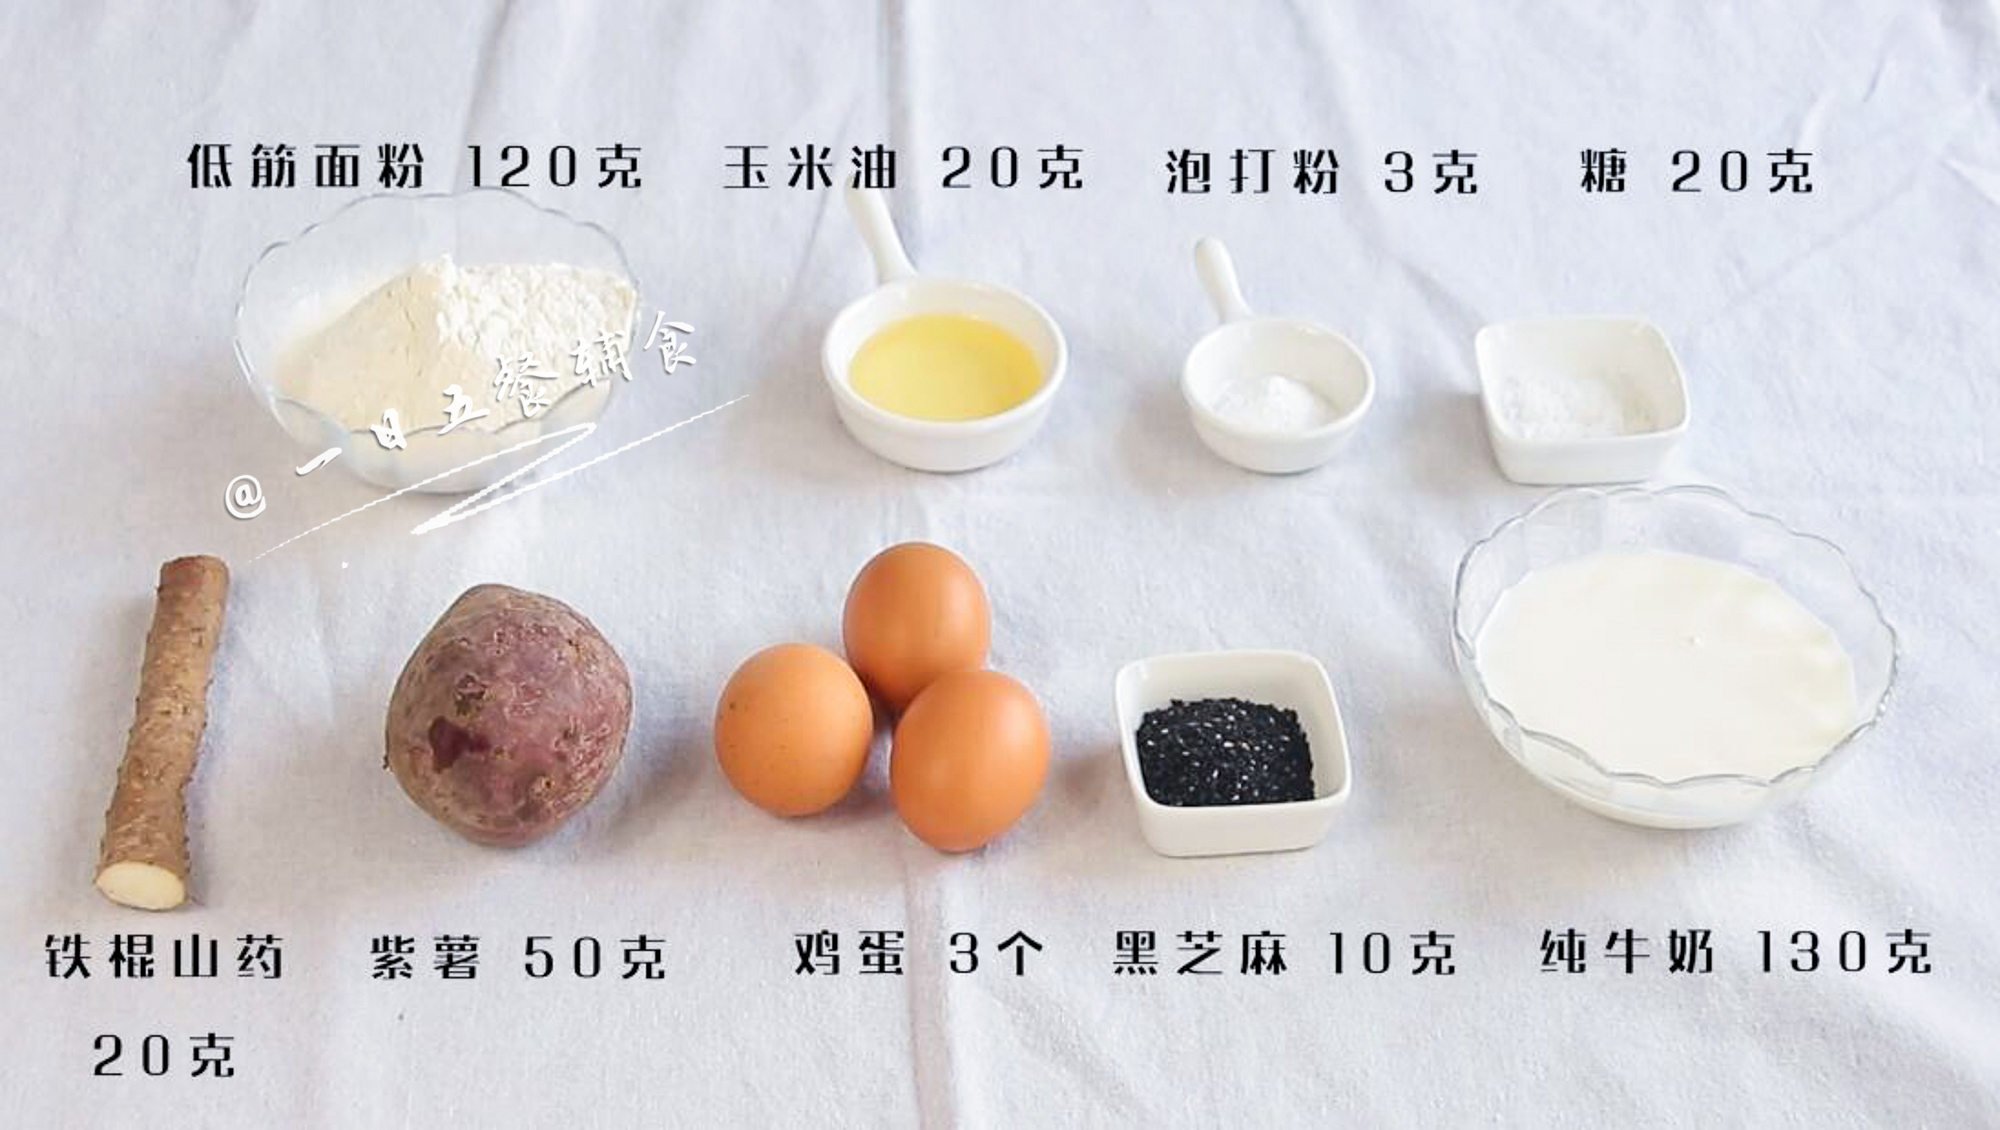 宝宝快手蛋糕,食材:鸡蛋 3个,纯牛奶 130克,低筋面粉 120克,玉米油 20克,糖 20克,泡打粉 3克,紫薯 50克,铁棍山药 20克,黑芝麻 10克</p> <p>